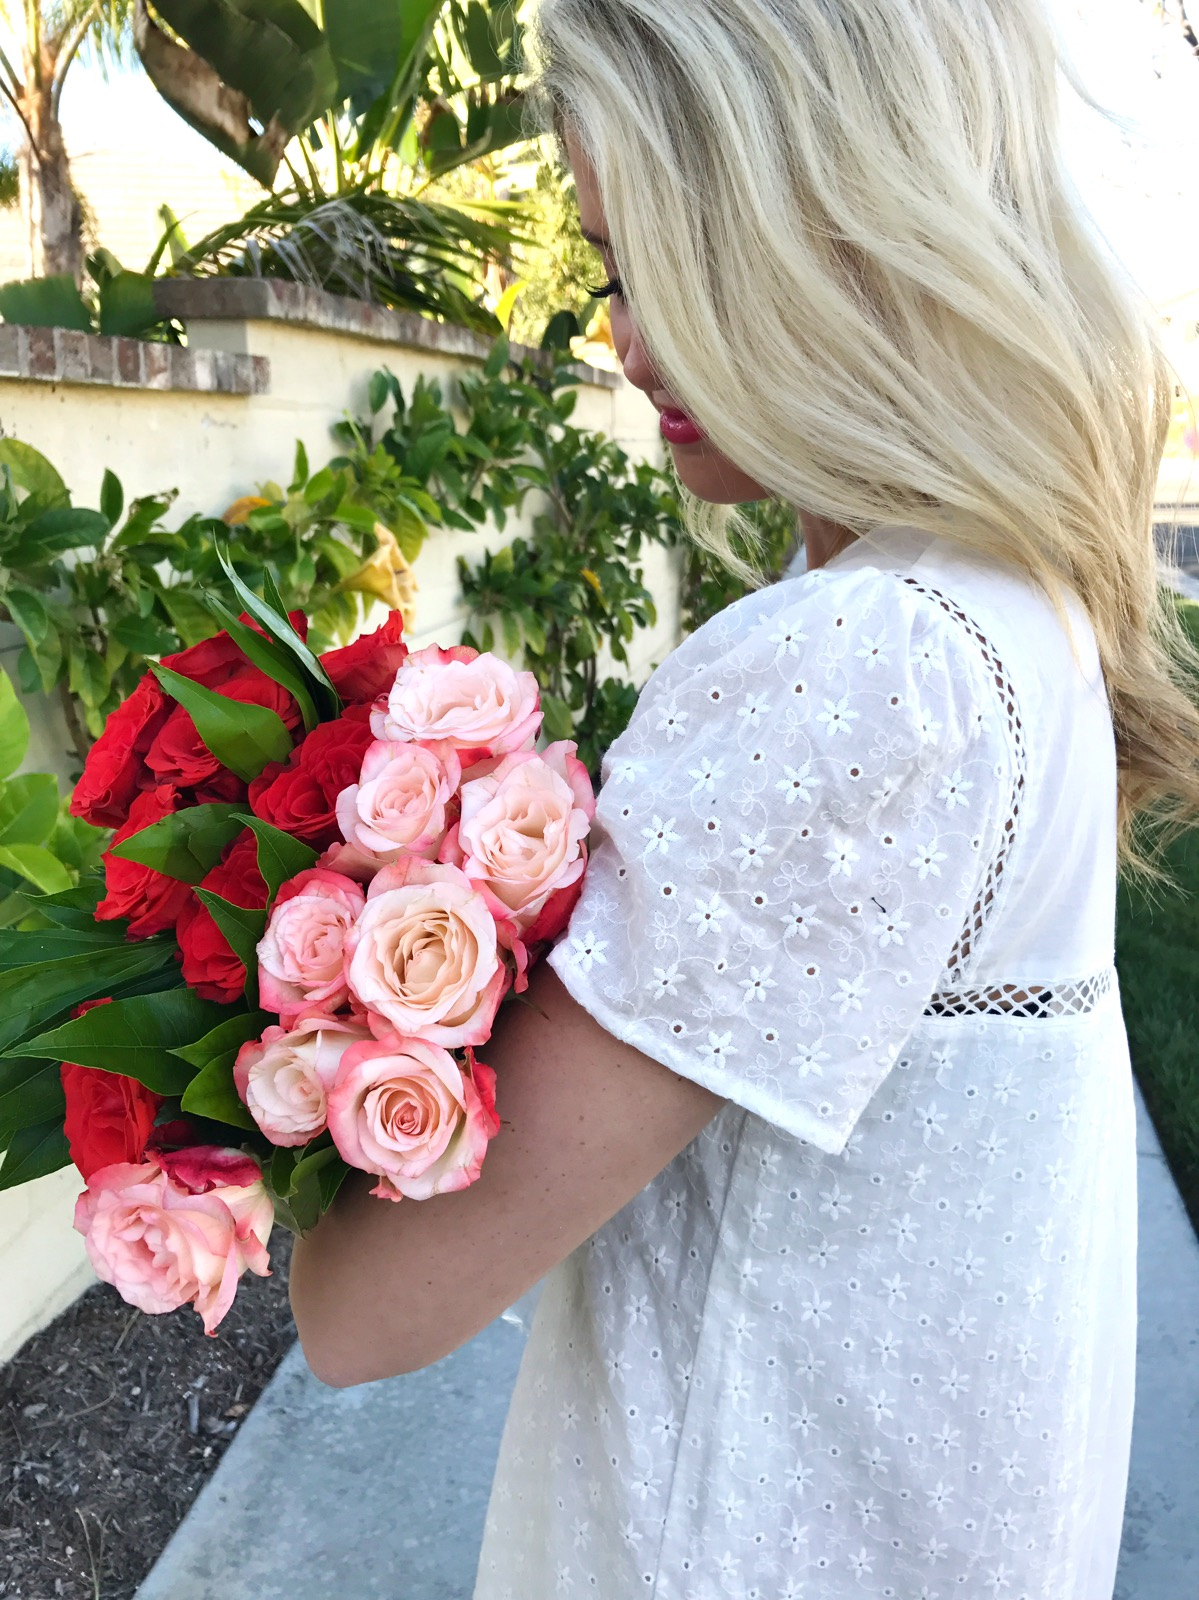 White Eyelet Dress & Spring Flowers